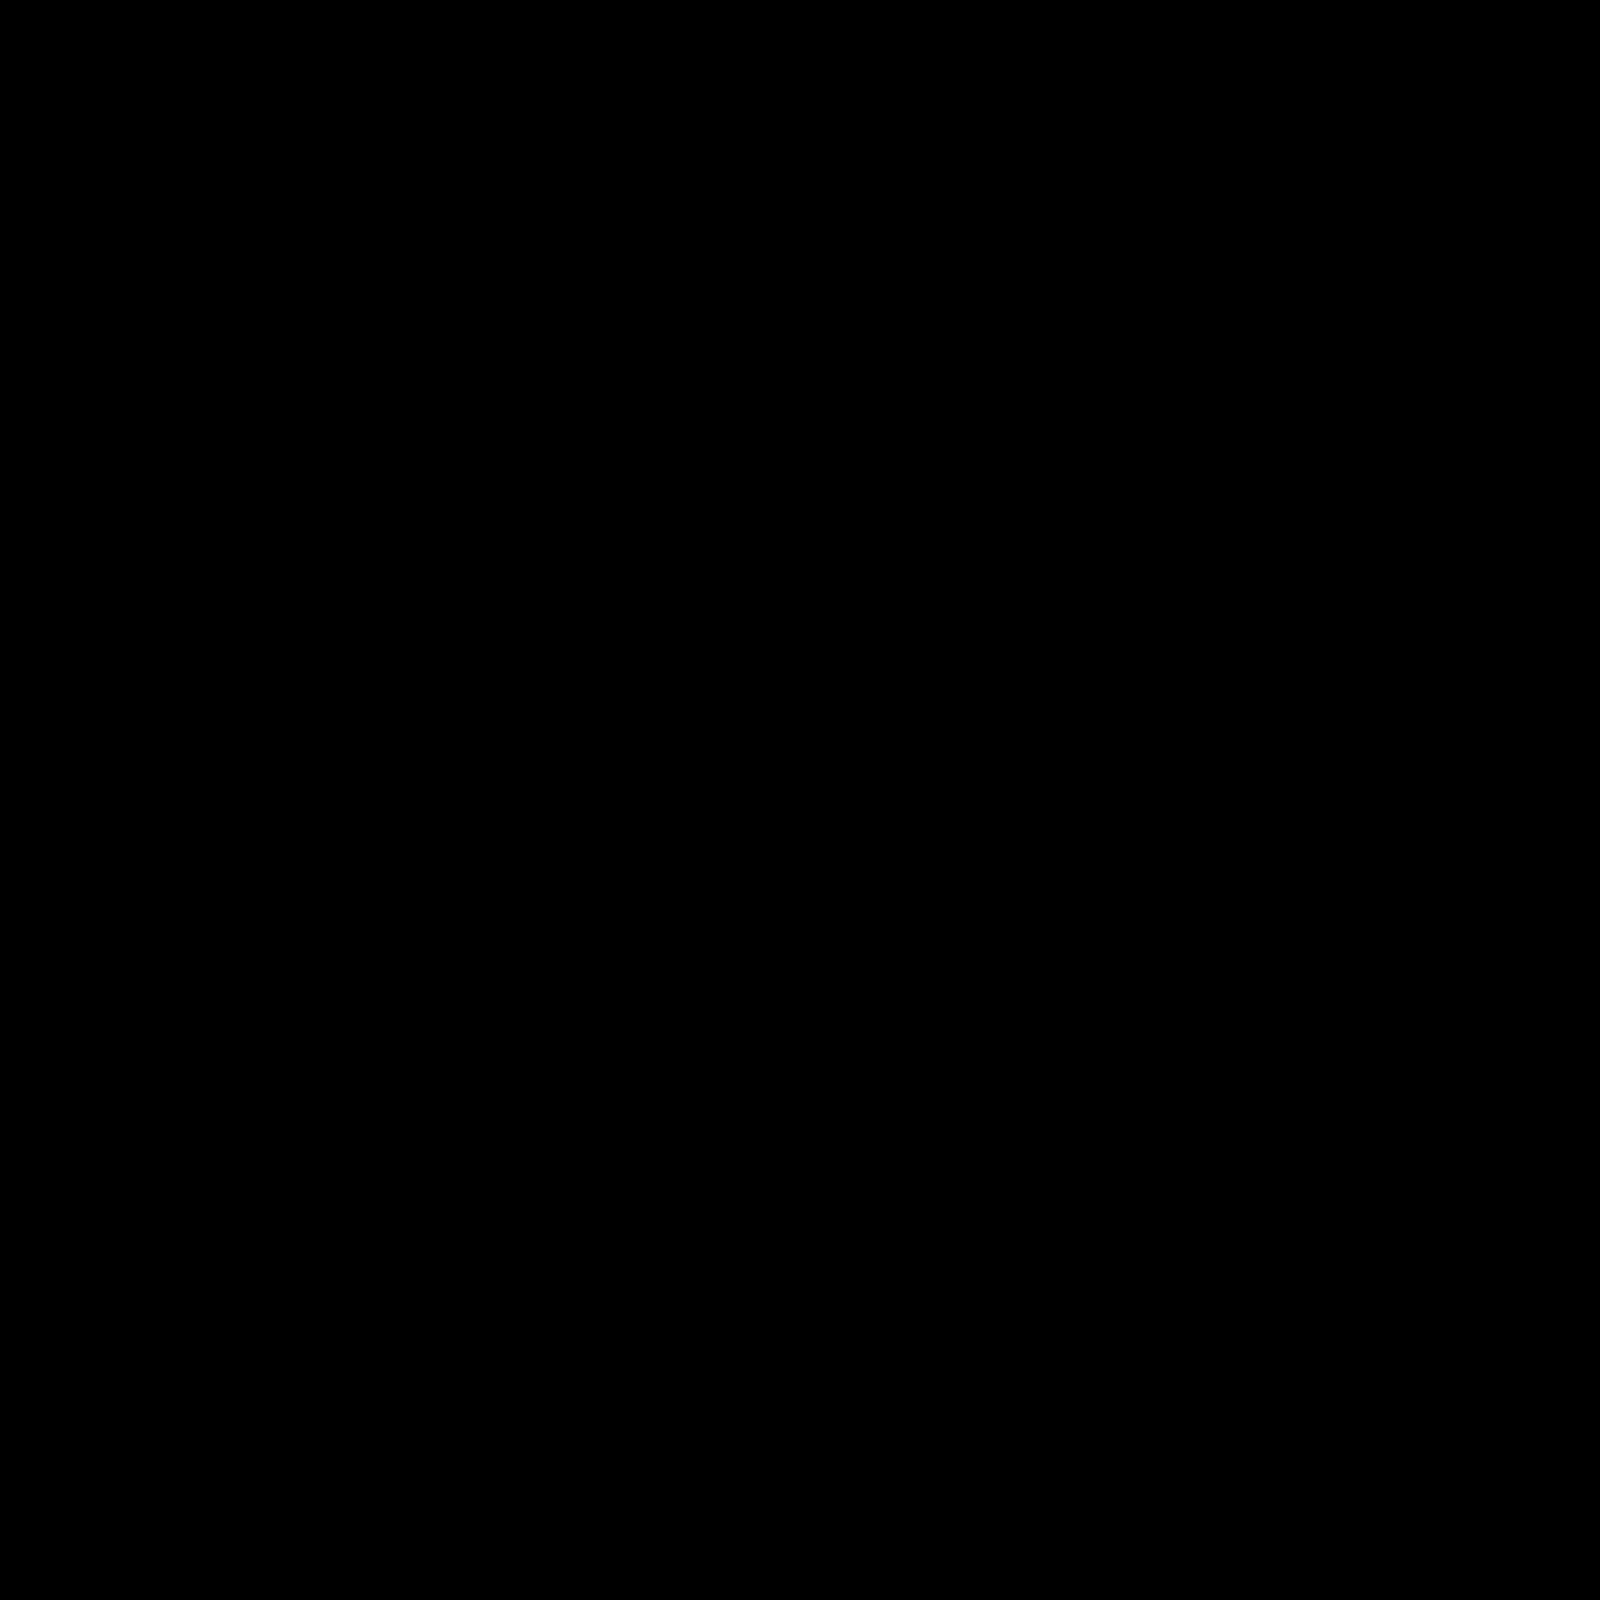 视频会议 icon. This is a picture of an LCD television with a person on the screen. underneath the person is four blocks in a horizontal pattern. you can see the base of the tv is flat.